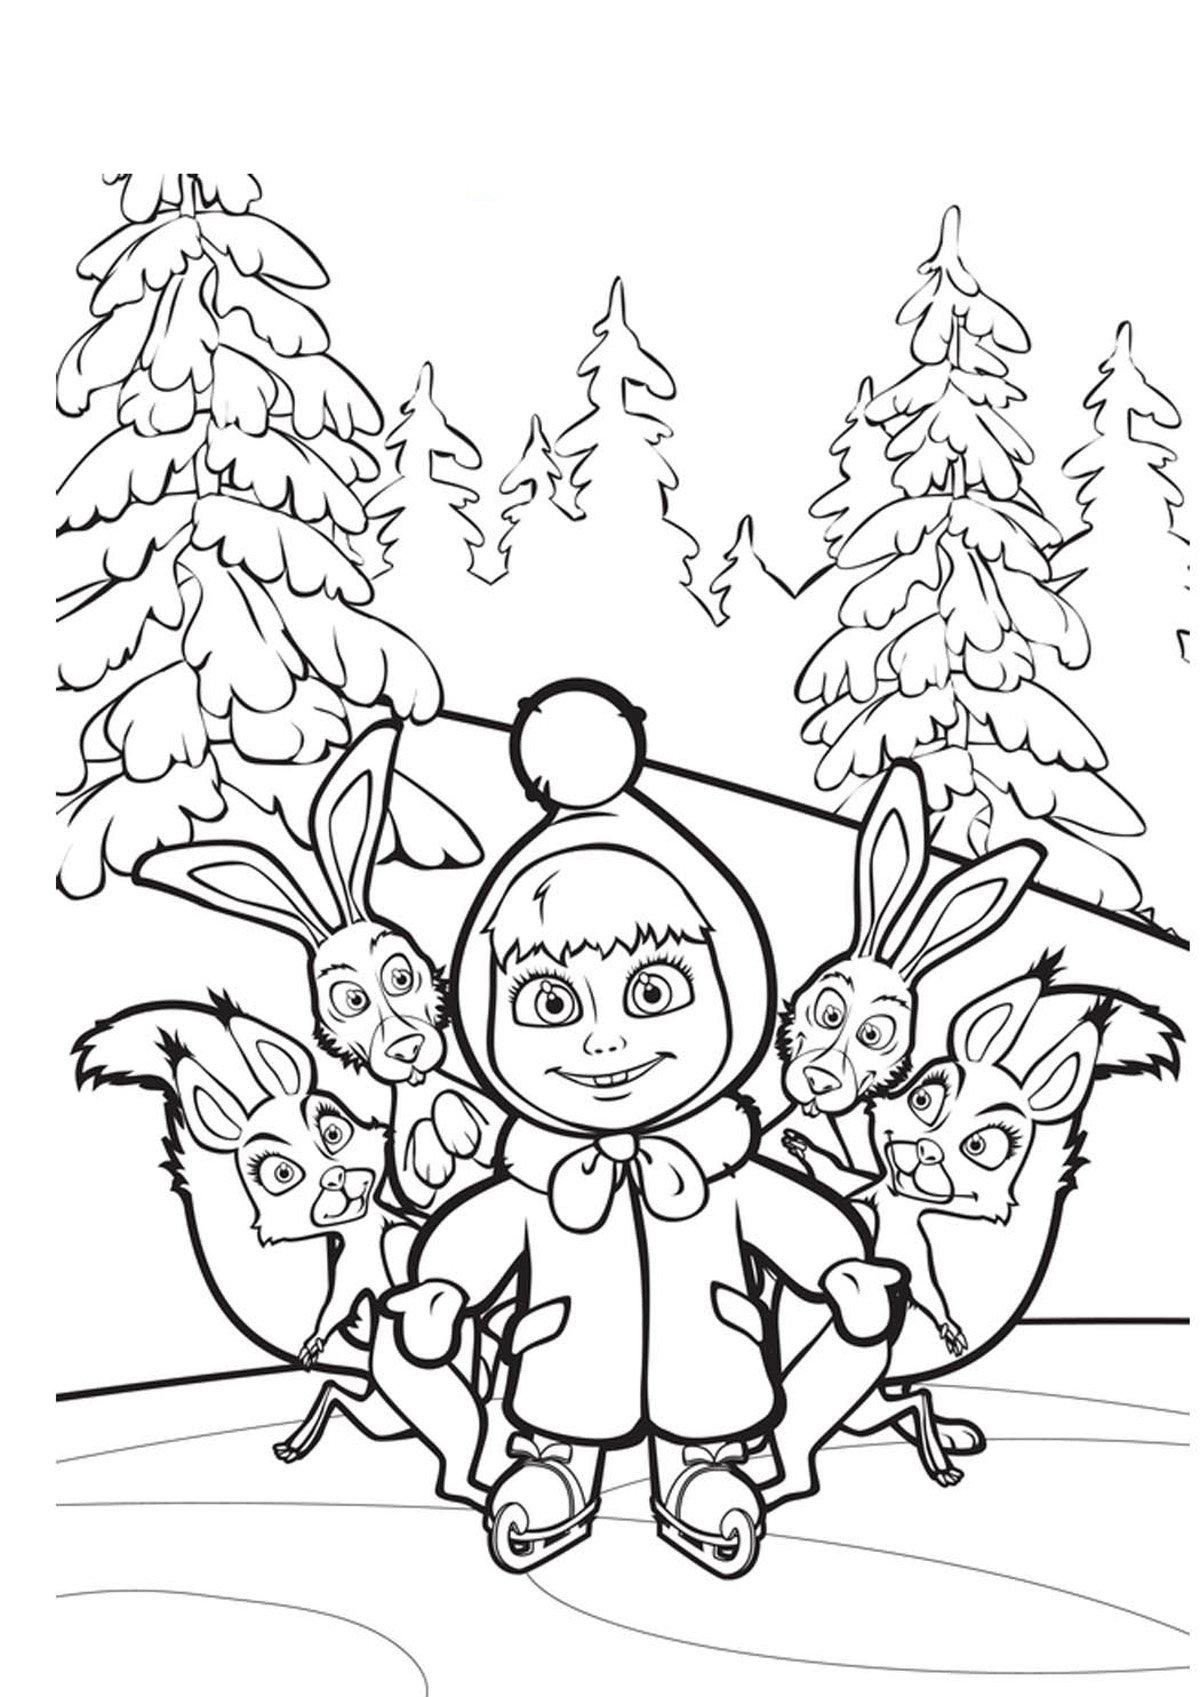 Маша и медведь картинки раскраски новый год